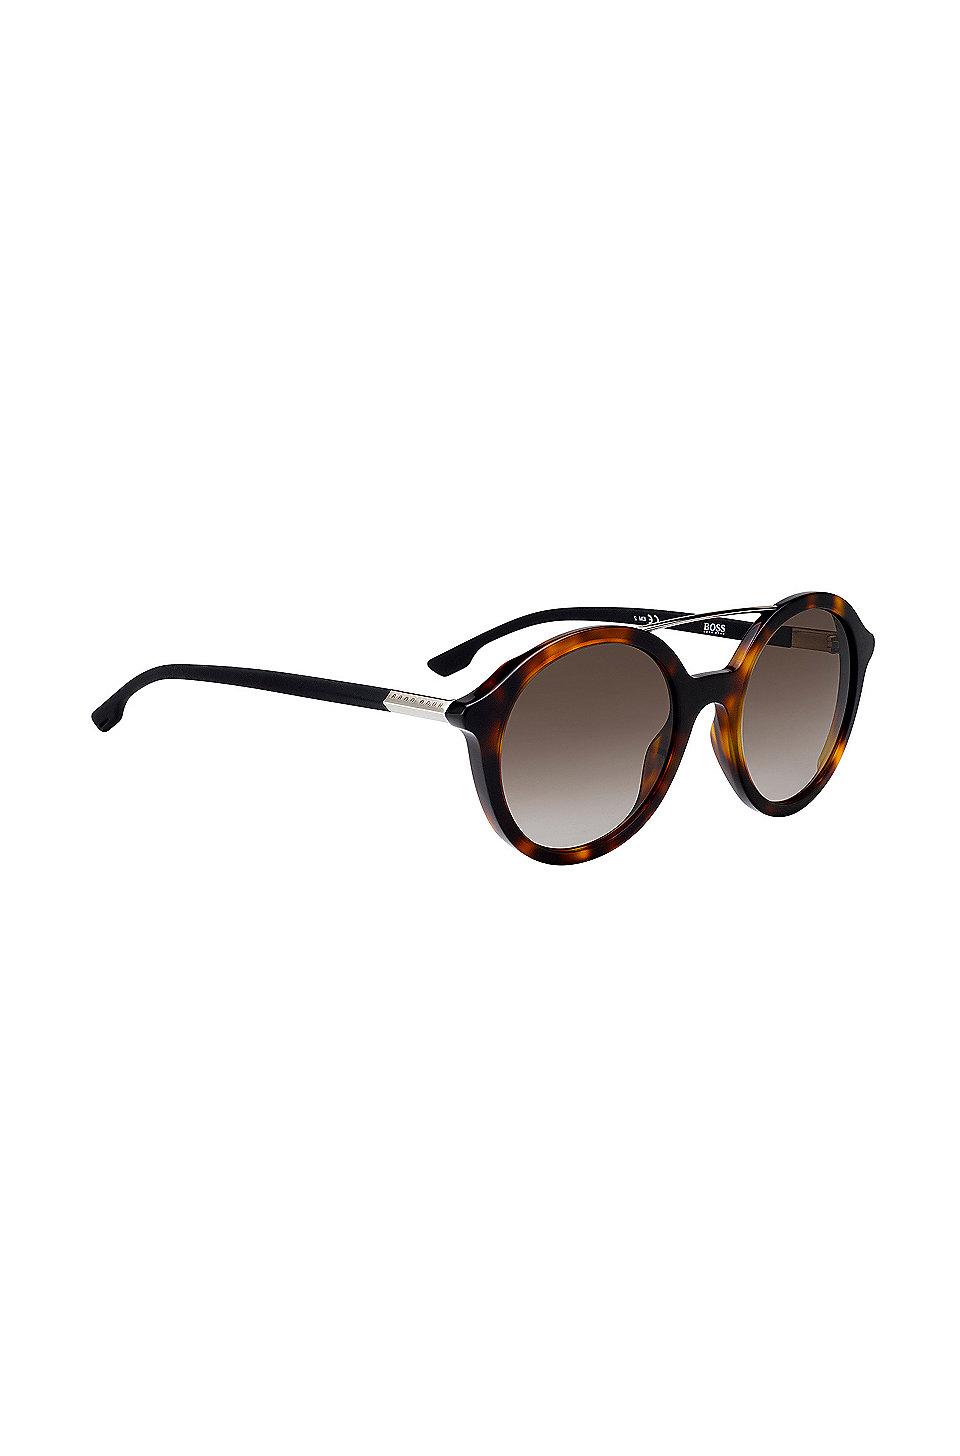 Gafas de sol de mujer: alta calidad para su estilo | HUGO BOSS